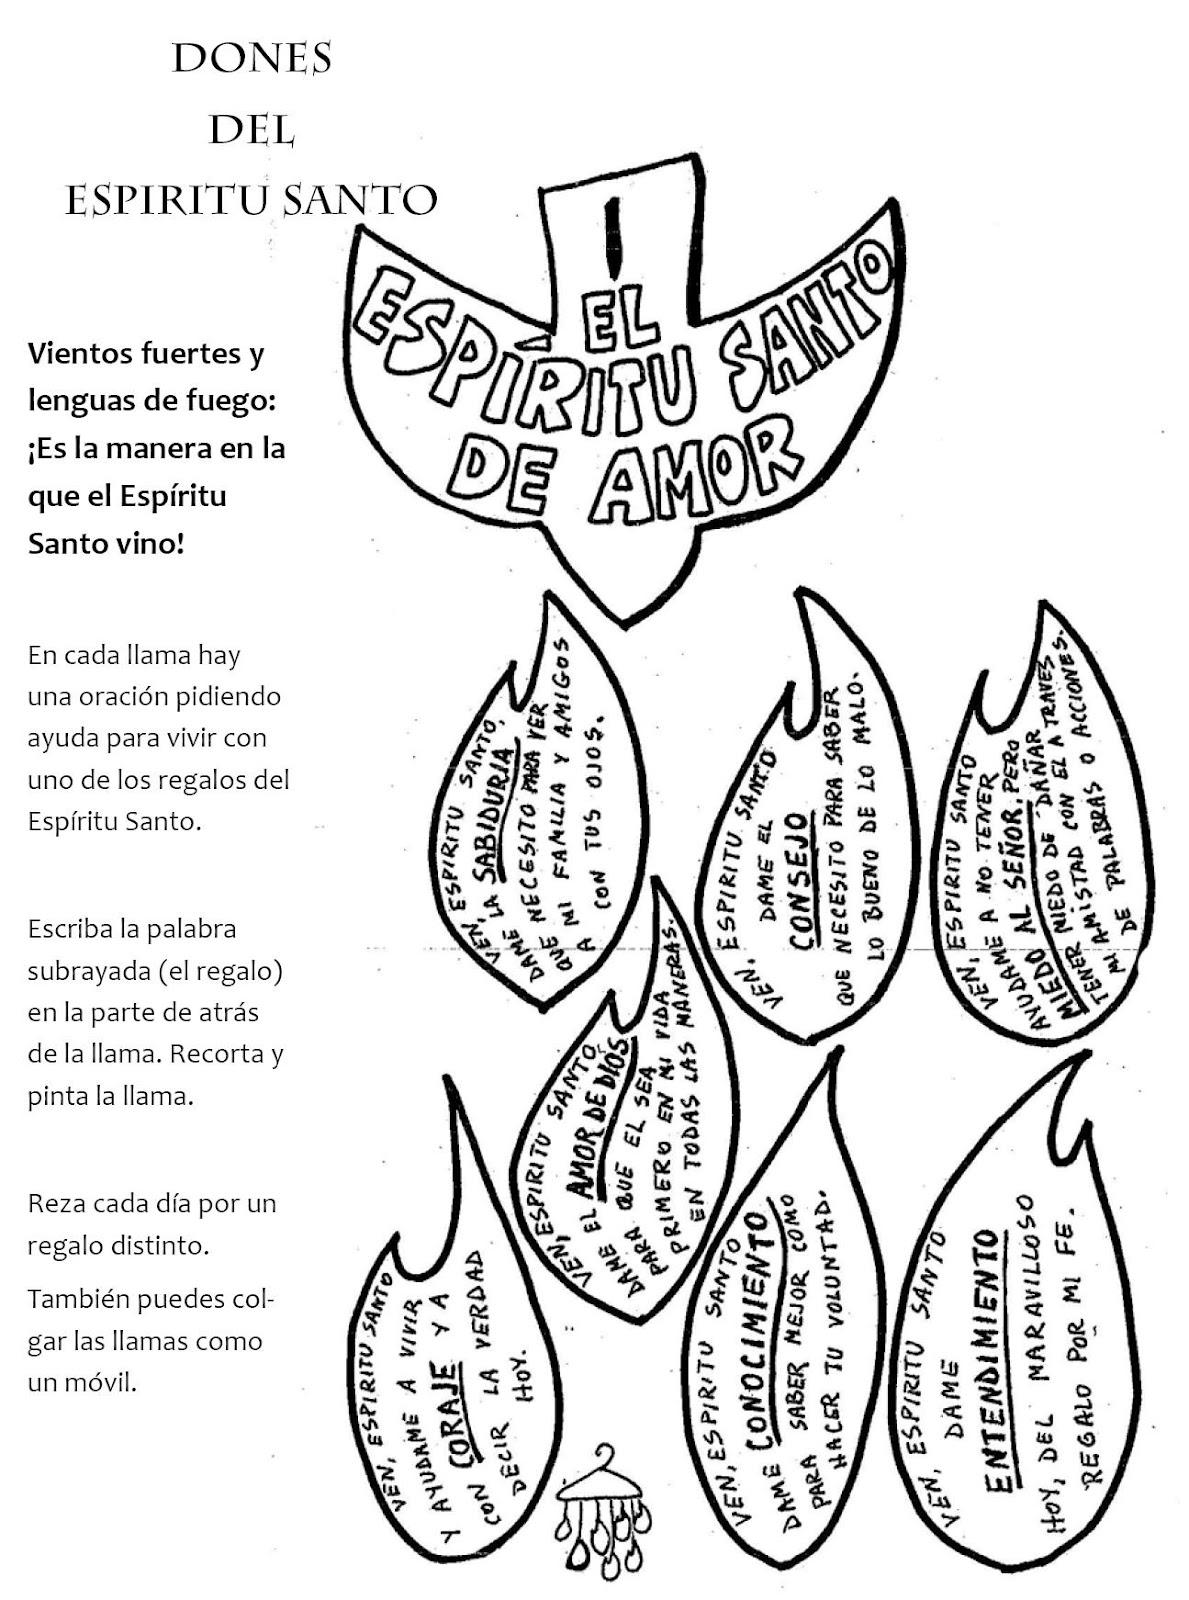 MATERIALES DE RELIGIÓN CATÓLICA: Dones y Frutos del Espíritu Santo